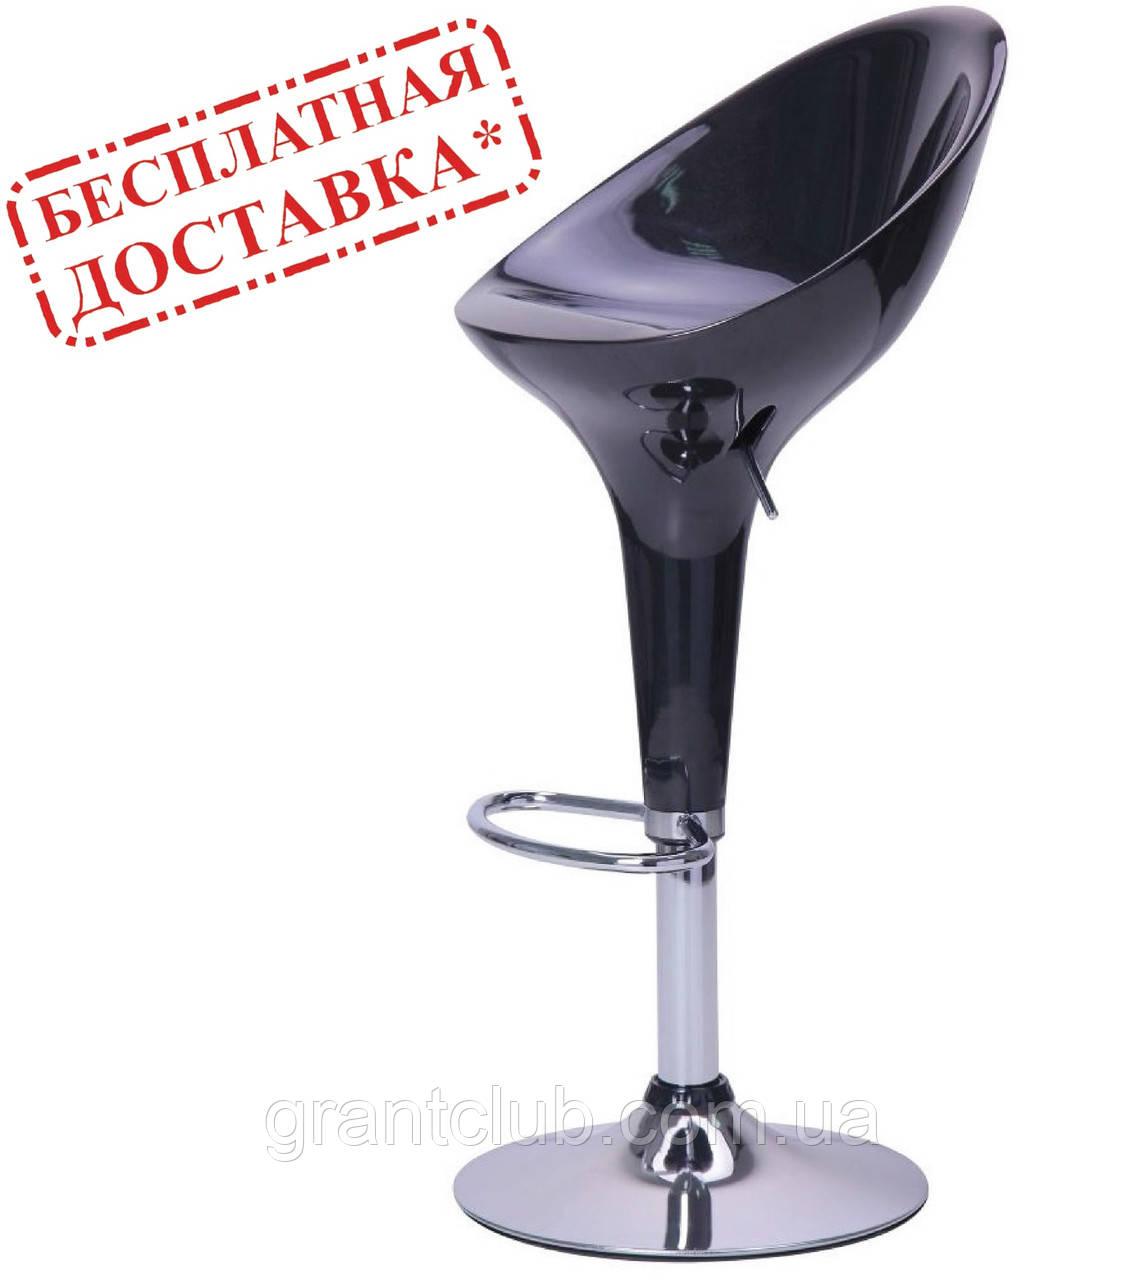 Стілець барний PEONY чорний пластик AMF (безкоштовна адресна доставка)